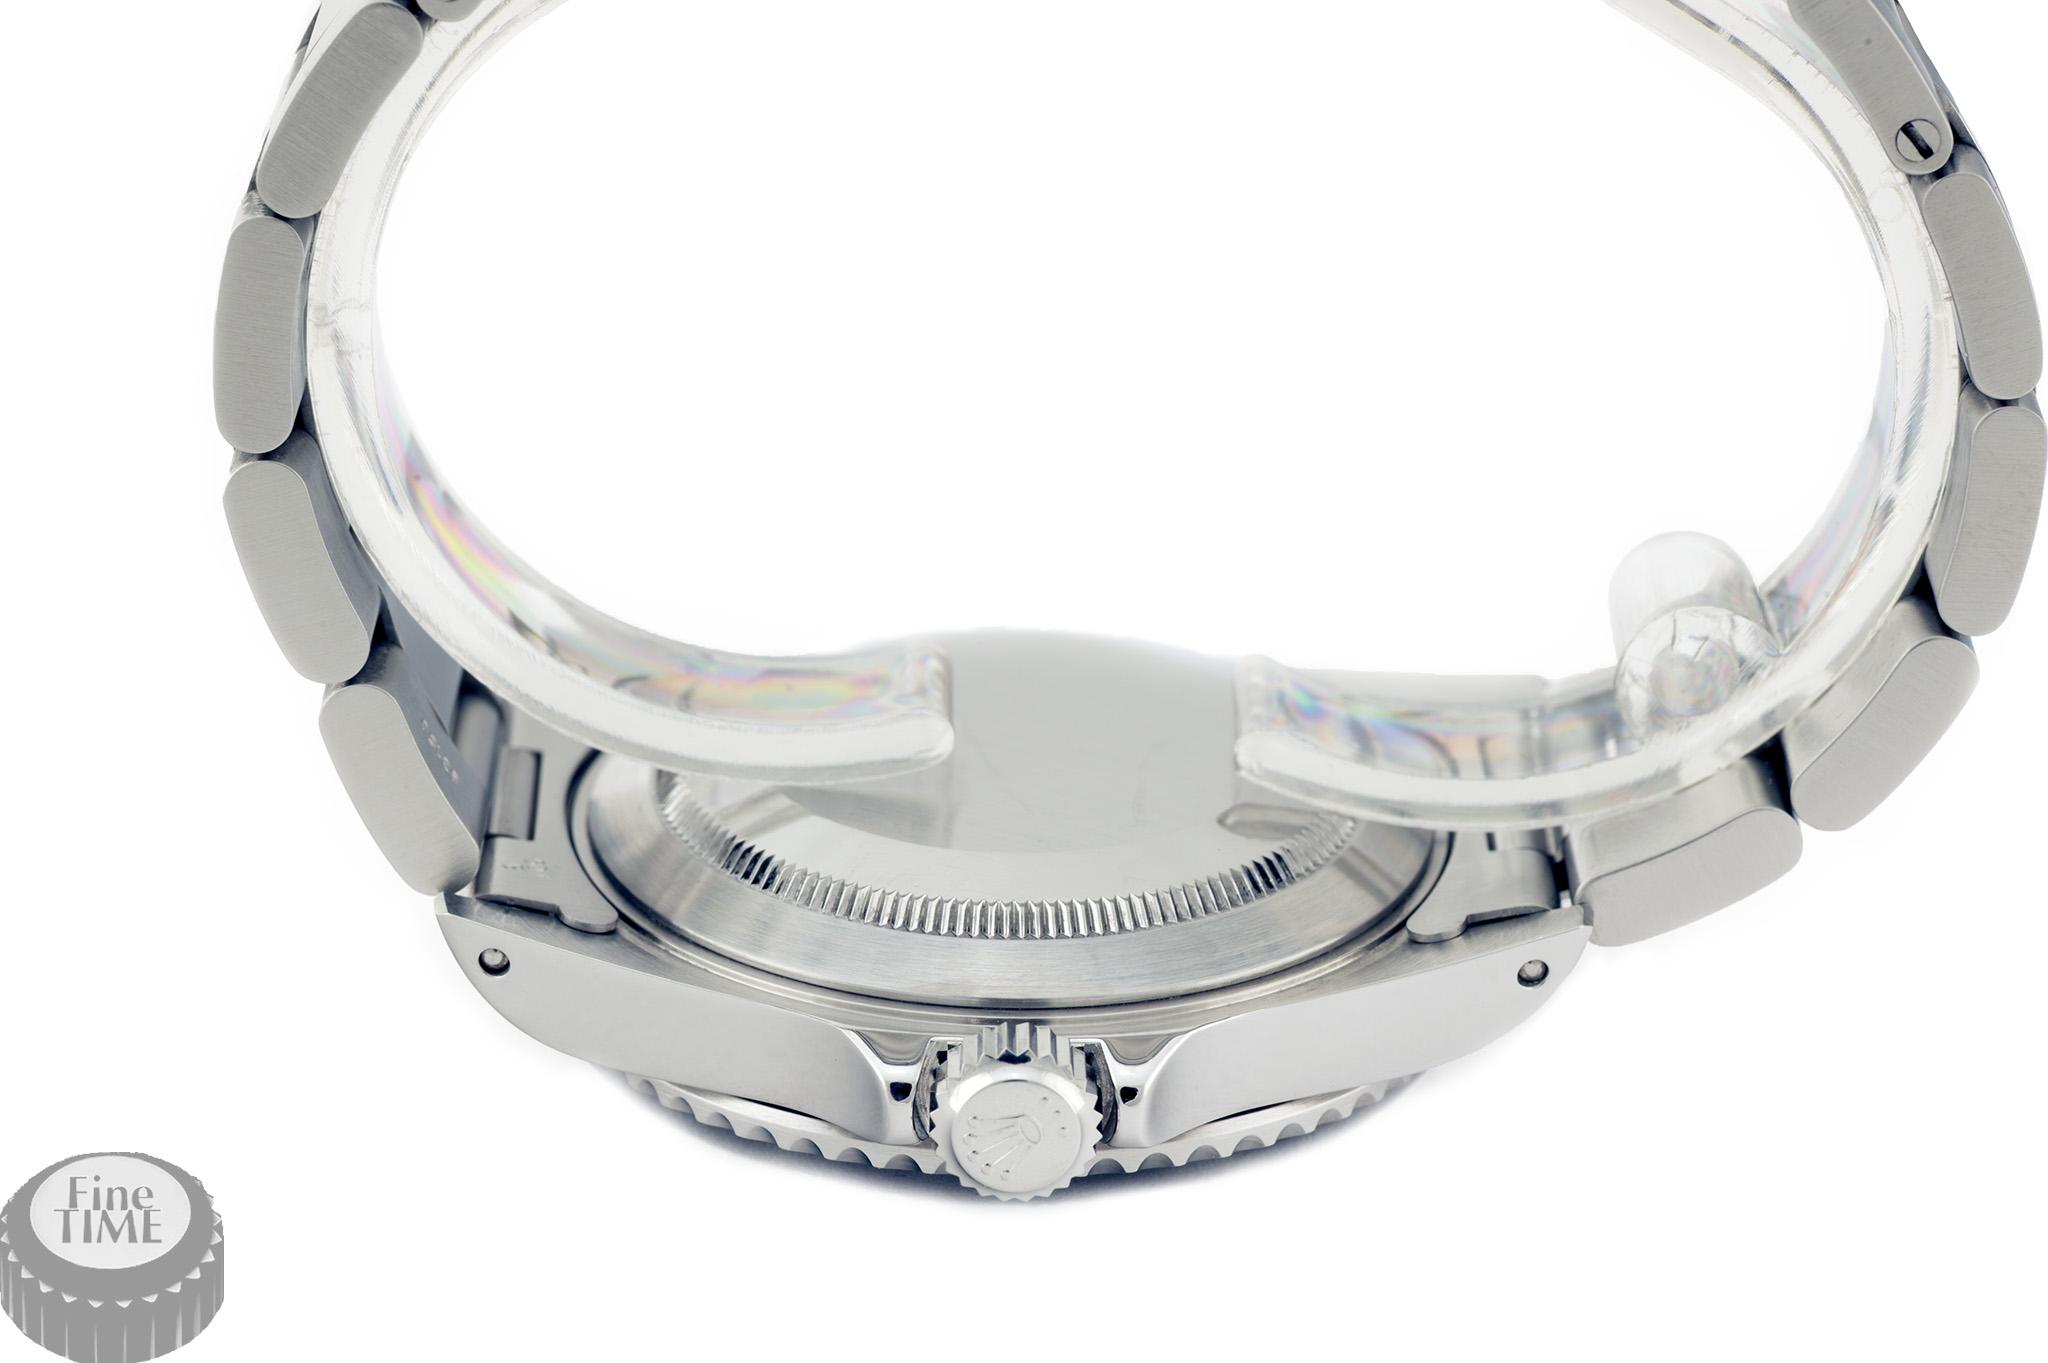 Rolex Submariner 14060M Y serie crown